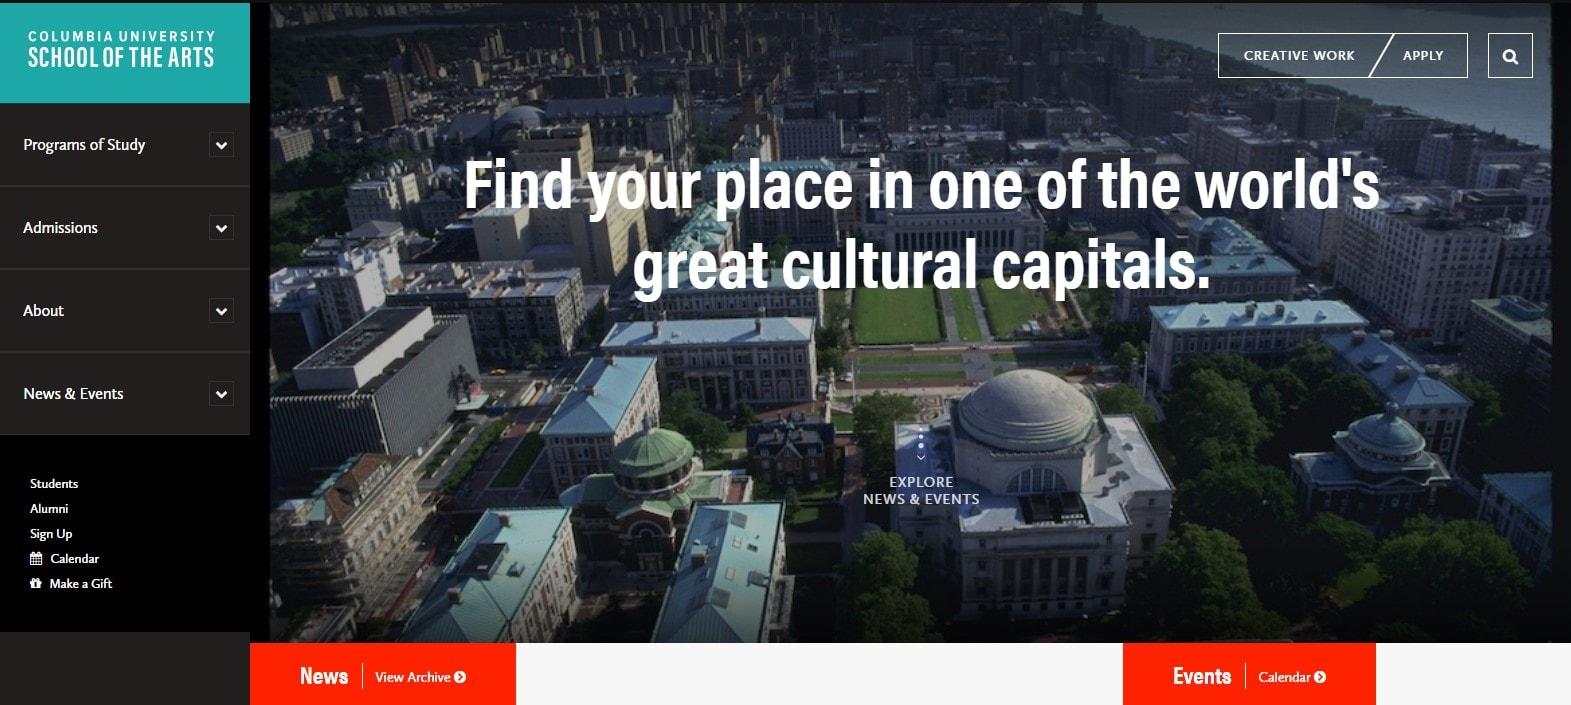 Columbia University School of the Arts